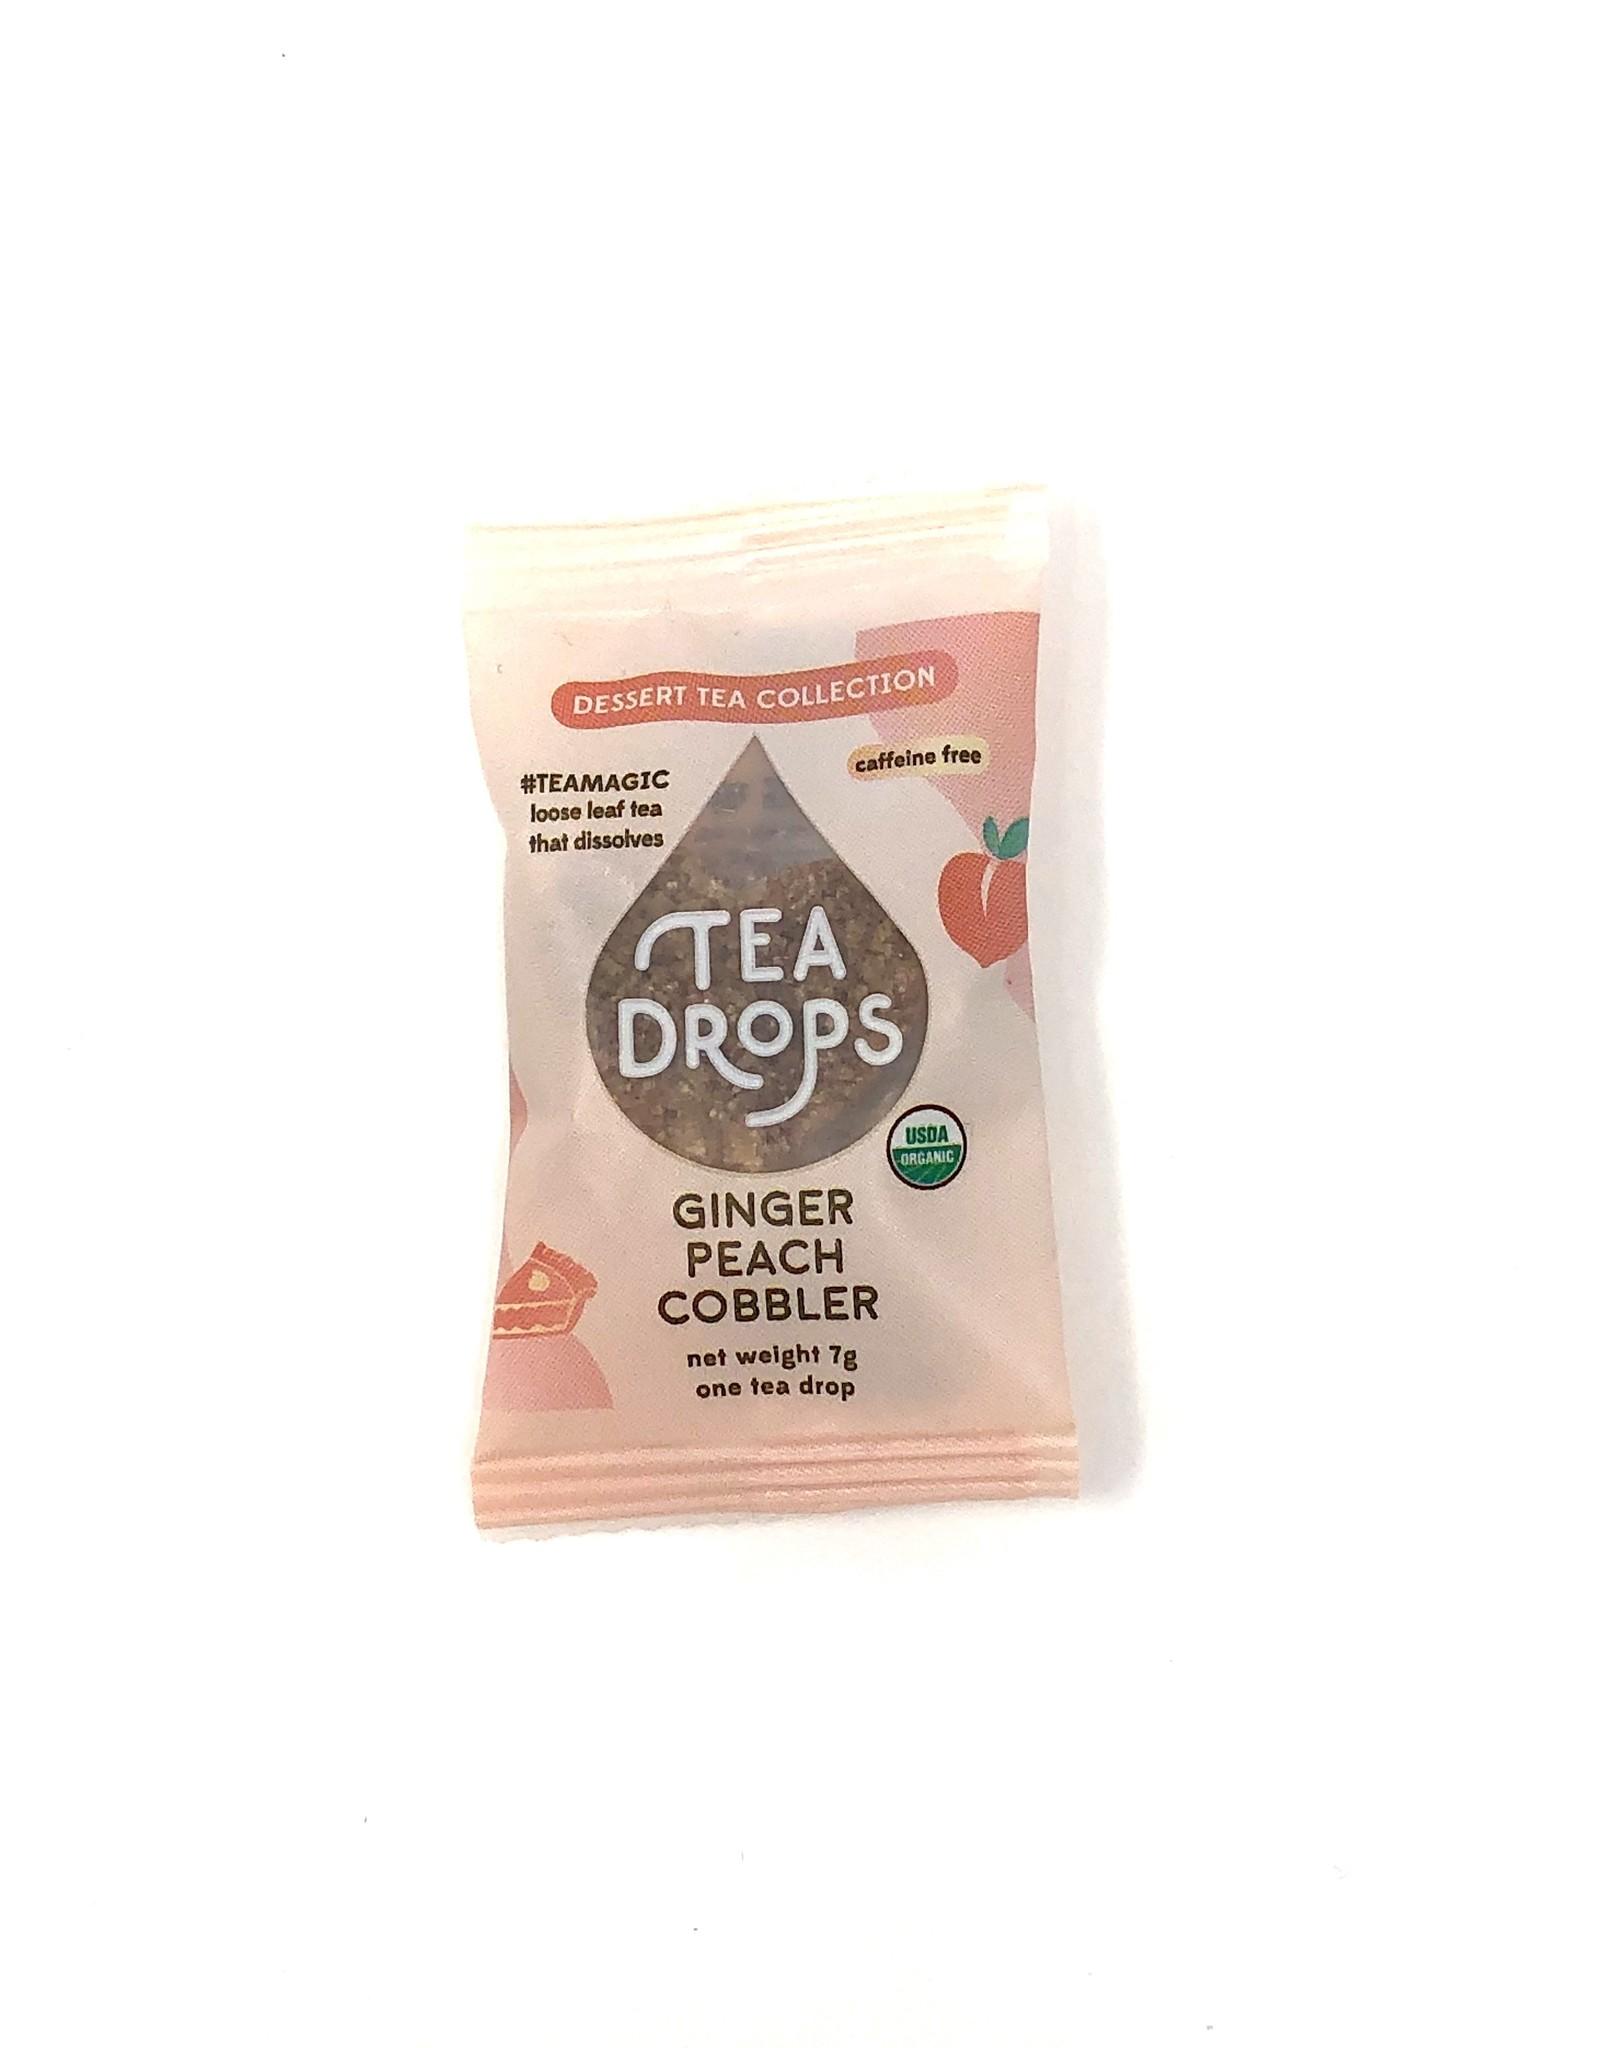 Ginger Peach Cobbler Tea Drop